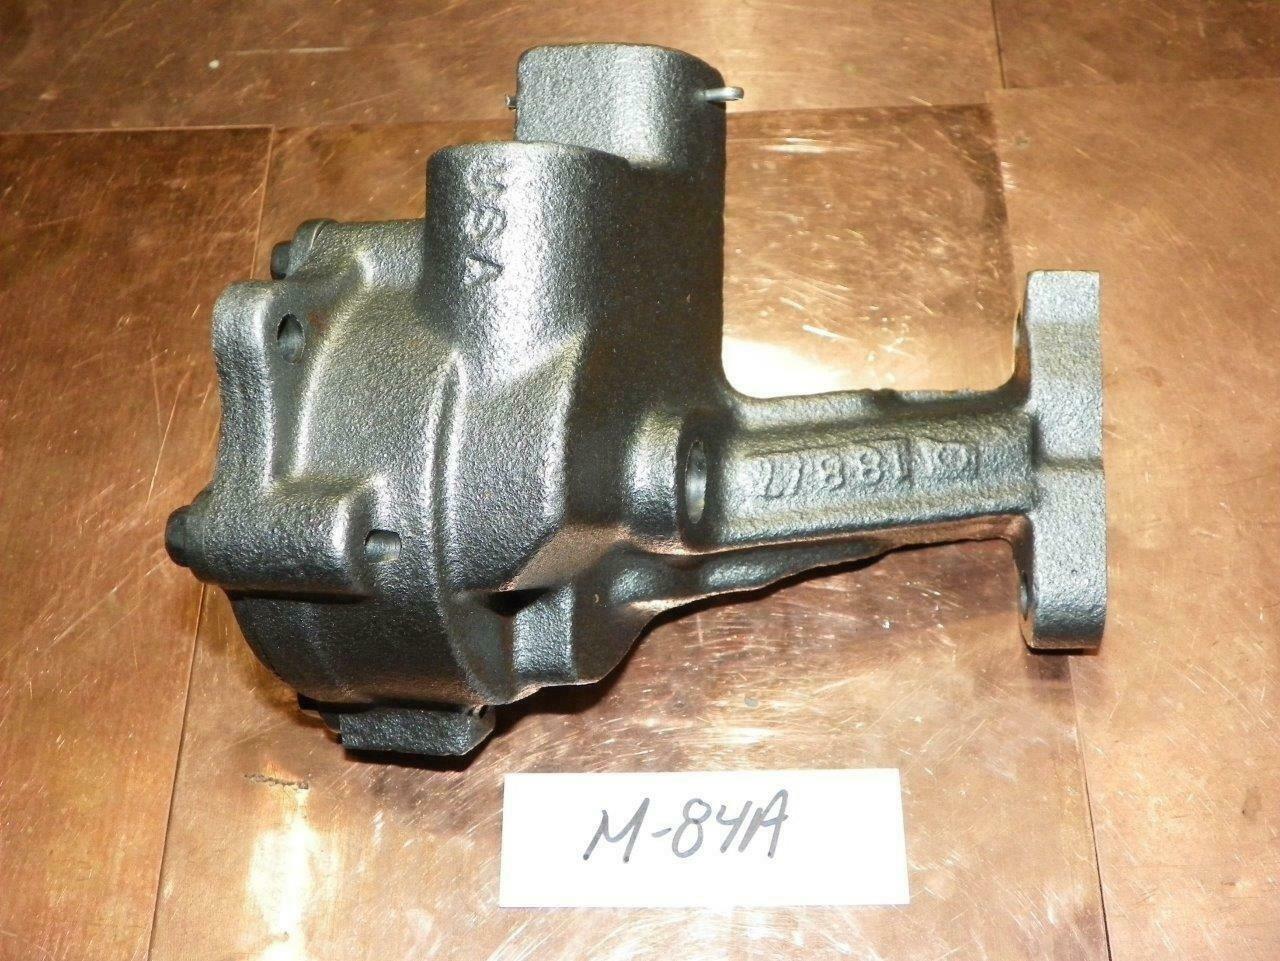 NOS Oil Pump M-84 HV 1970-1979 Ford 351CJ 351C 352 390 428 430 8 Cylinder